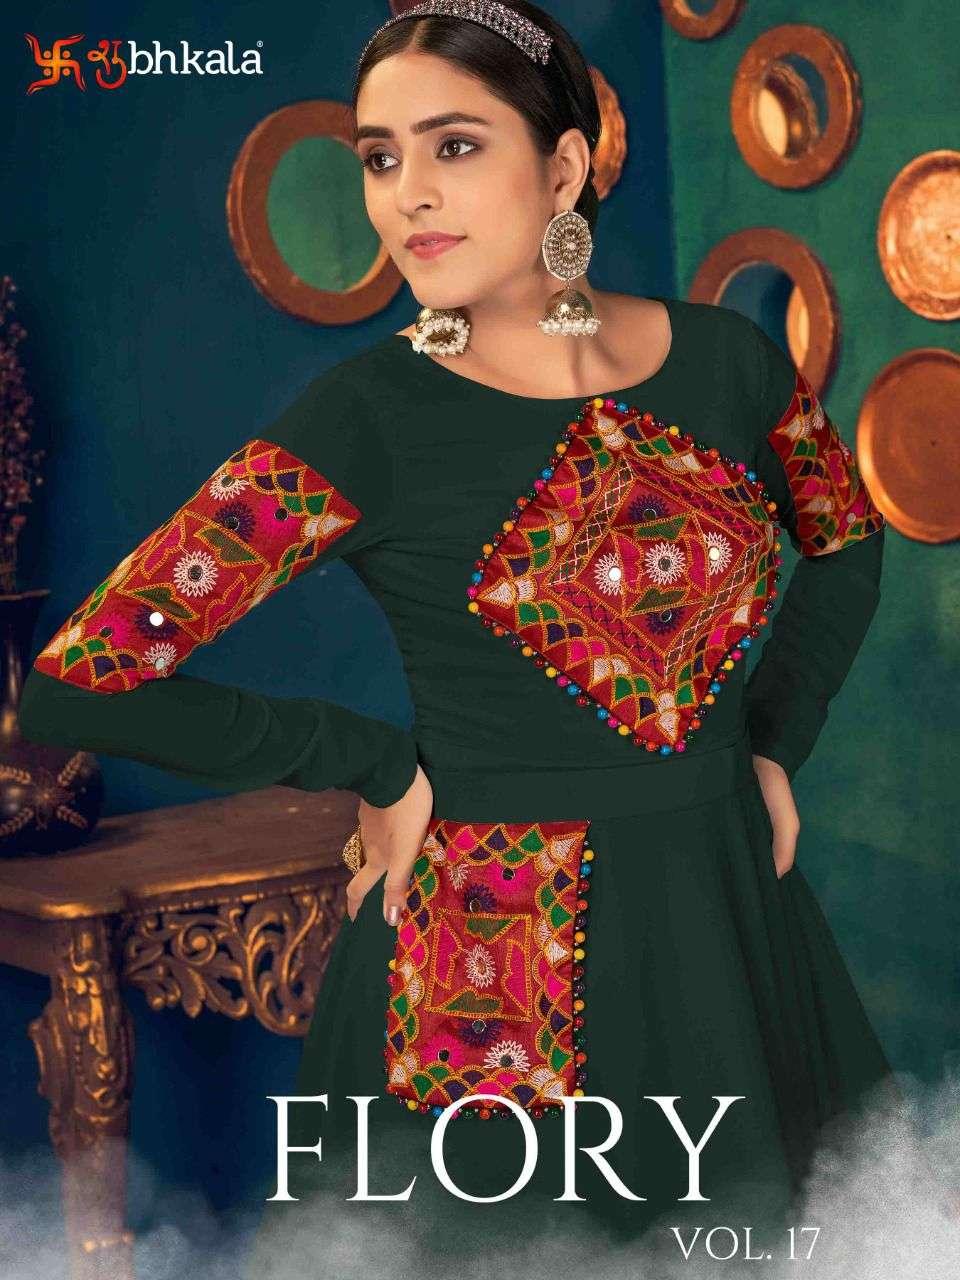 Shubhkala Flory Vol 17 Designer anarkali Salwar Suit Catalog Wholesaler